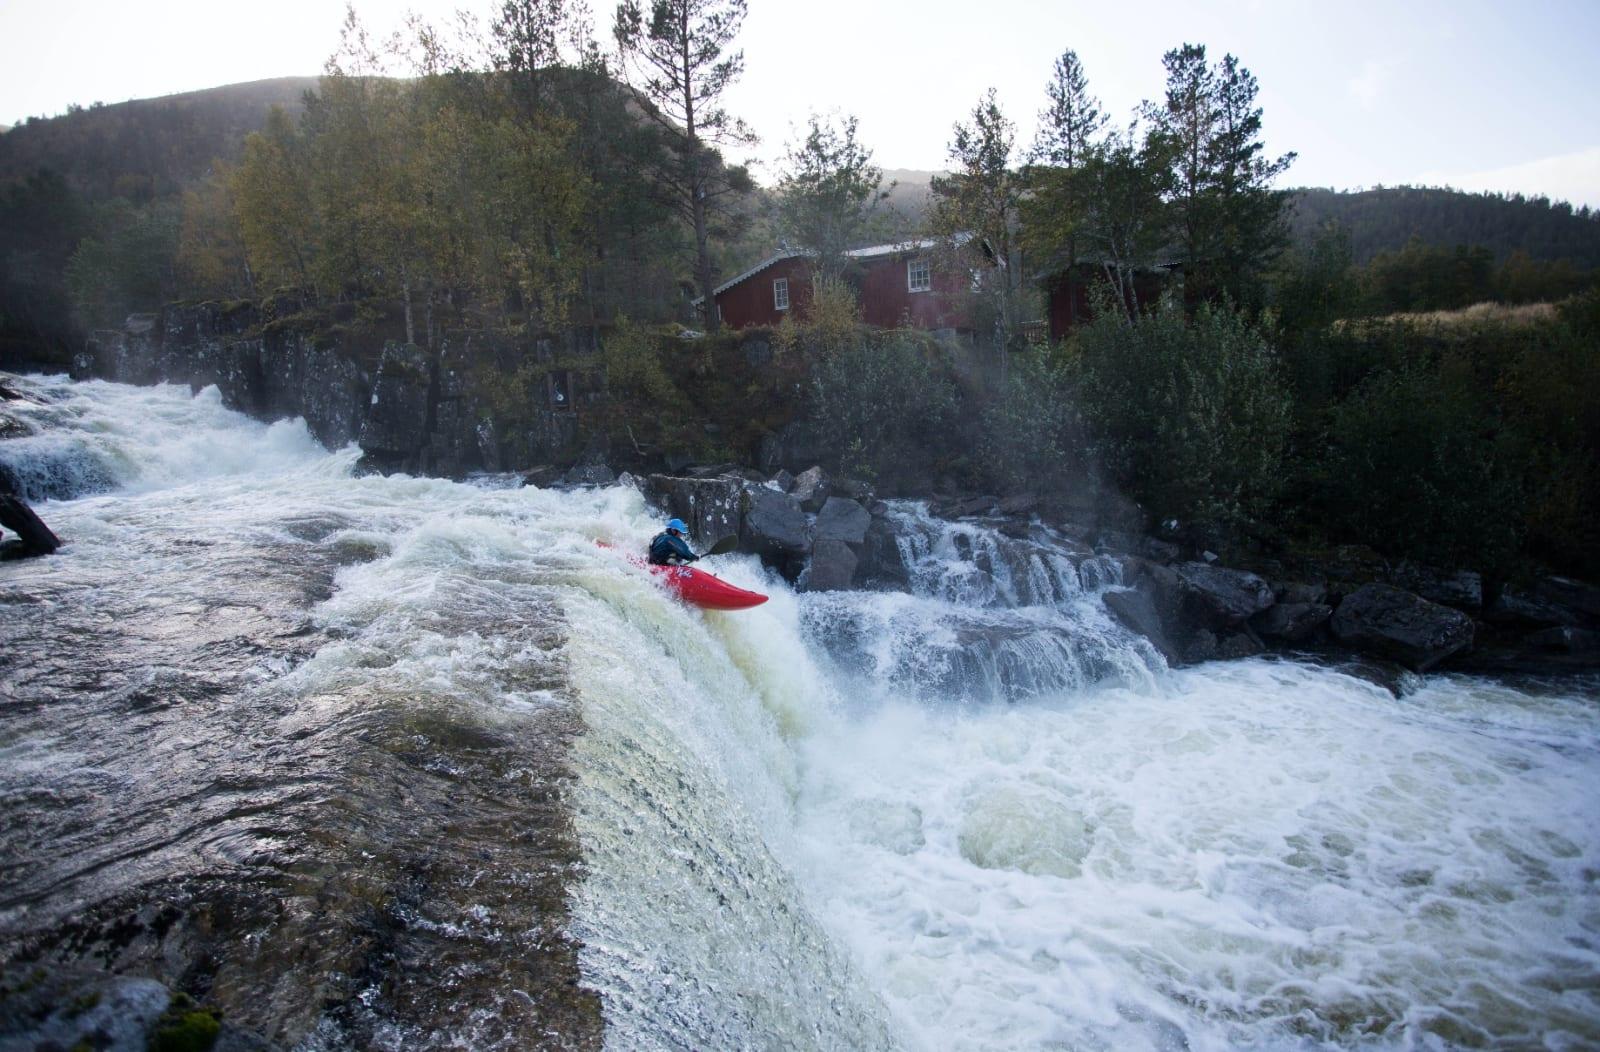 SNILL: Kjølig vær sent i september og småtriste, midtnorske omgivelser stopper ikke Flemming når det er bratt padling på gang. Her fra Vutudalselva i Snillfjord i Sør-Trøndelag. Bilde: Tore Meirik